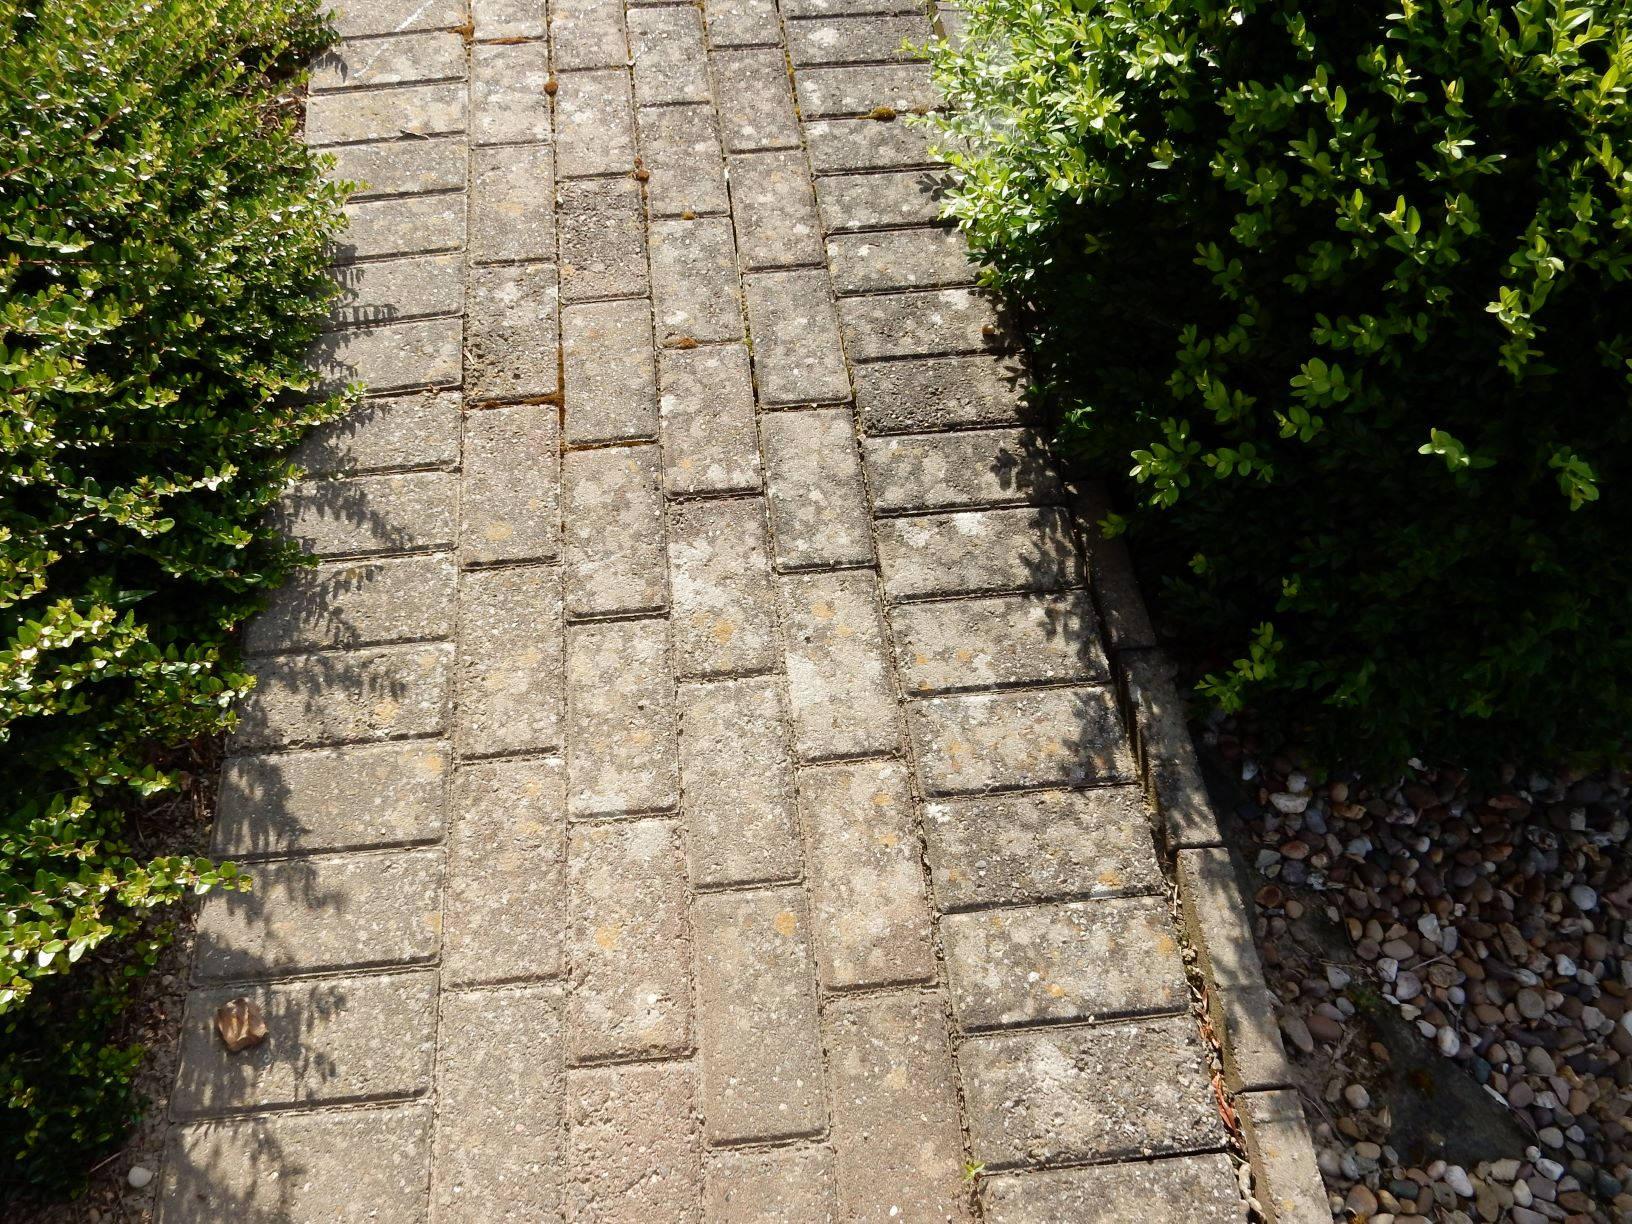 Block Paving with Lichen